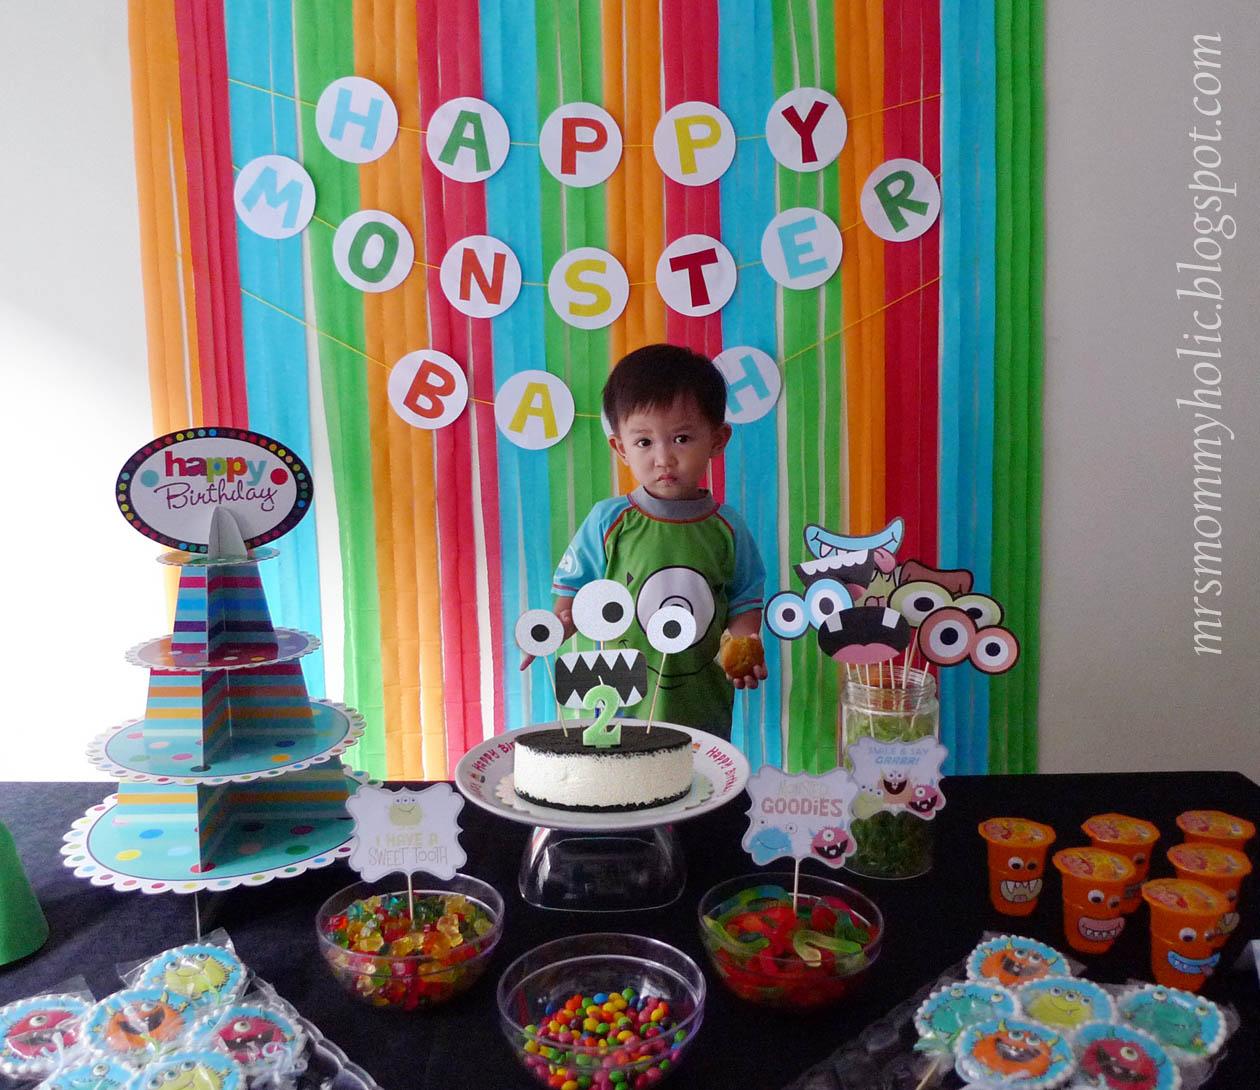 Mrsmommyholic A Happy Monster Birthday Bash